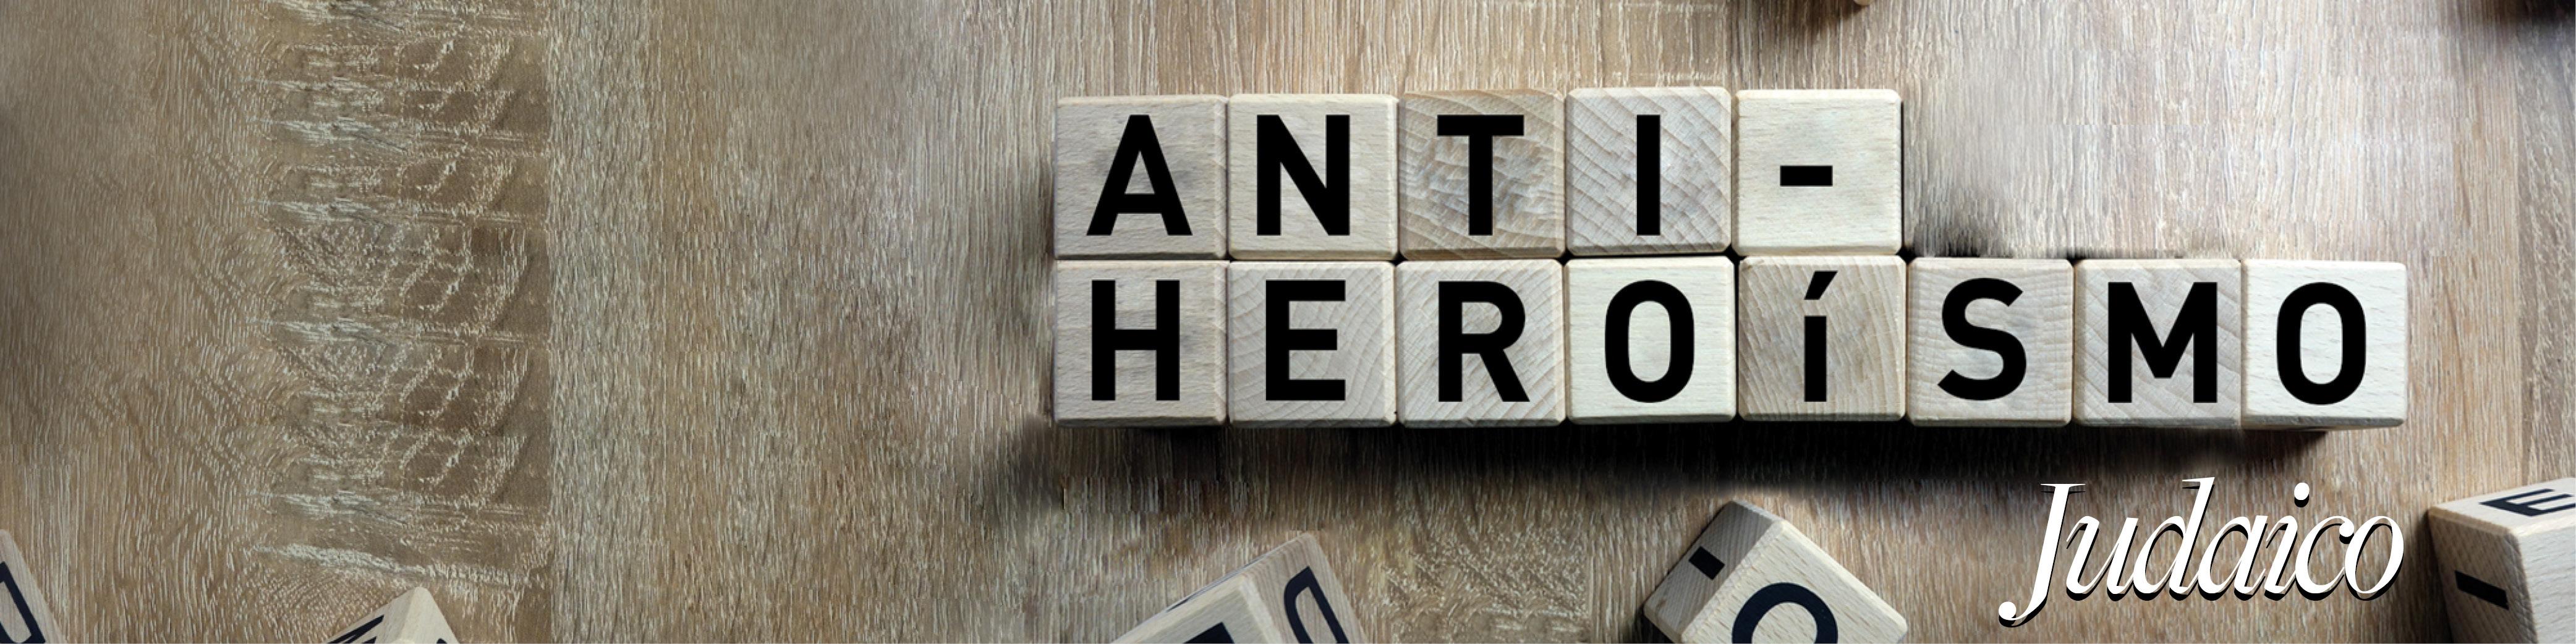 Contemple os heróis bíblicos na sua completude imperfeita